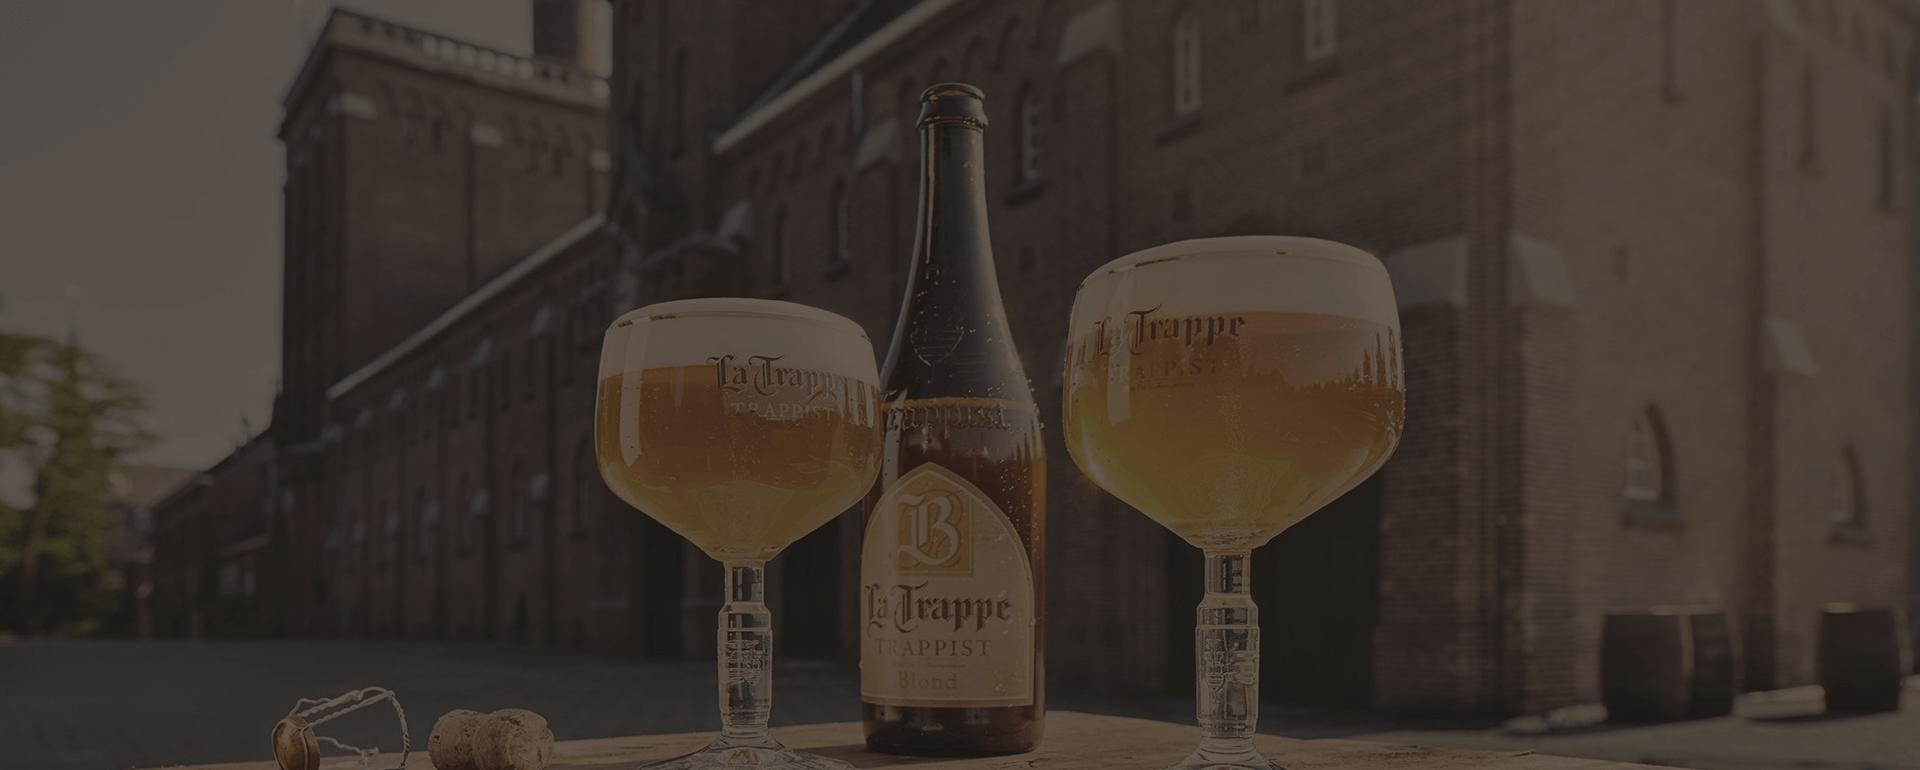 7ª BeerTrip - Bélgica e Holanda - Fevereiro de 2019